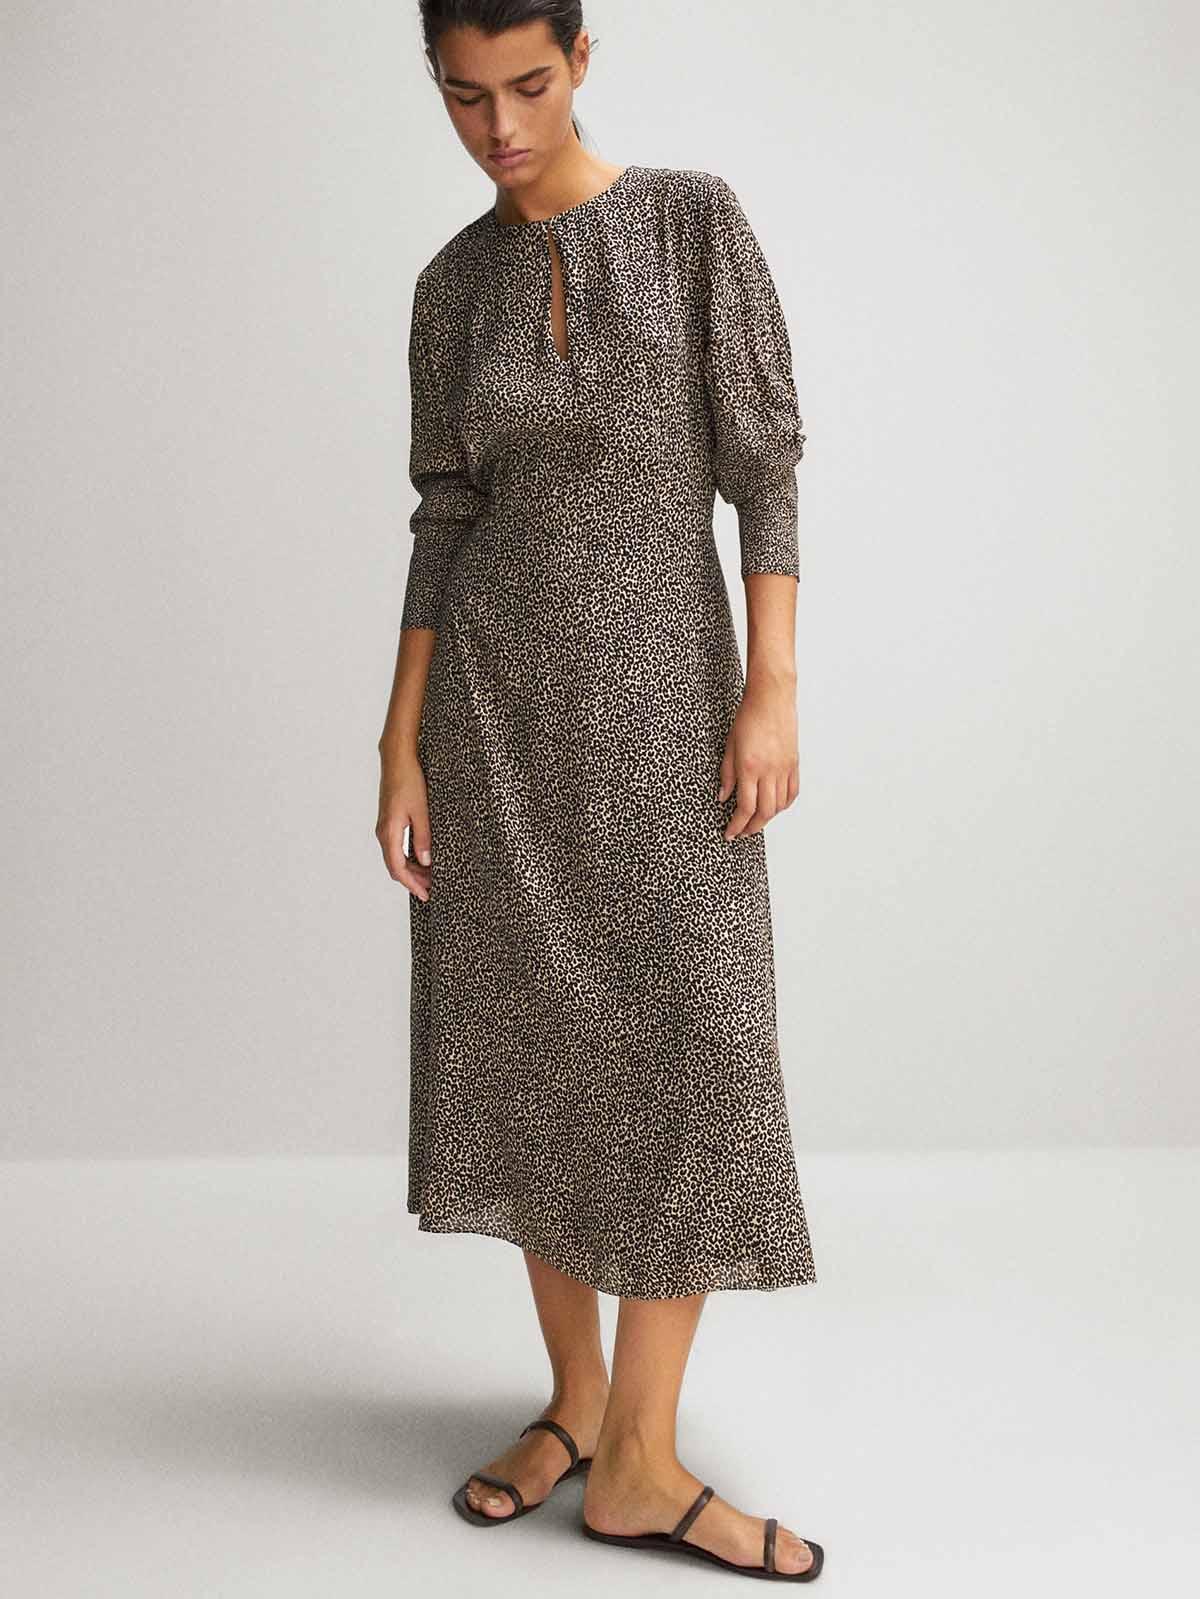 vestido leopardo 229,95 euros